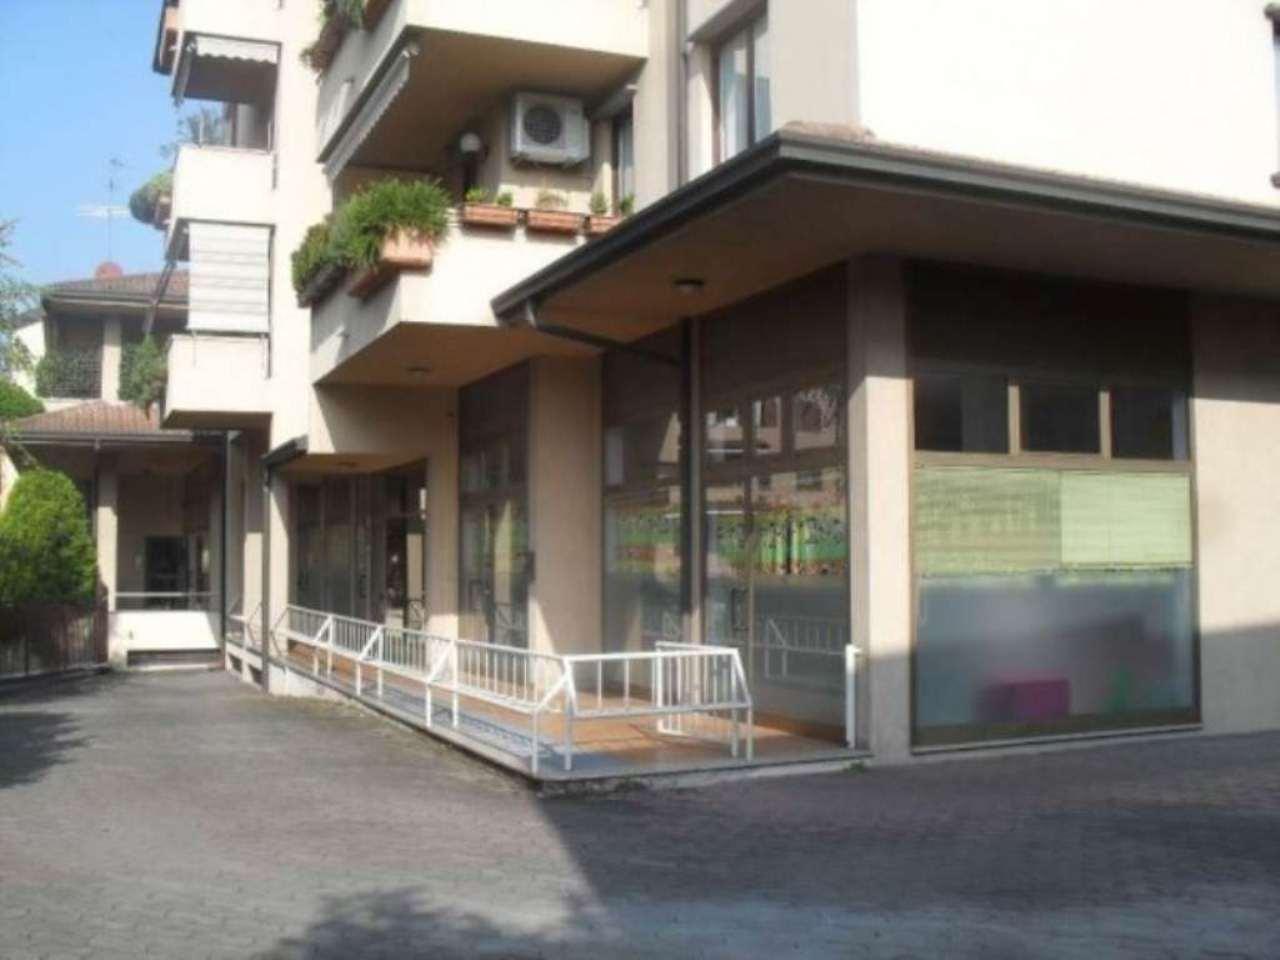 Ufficio / Studio in vendita a Varedo, 1 locali, prezzo € 160.000 | CambioCasa.it